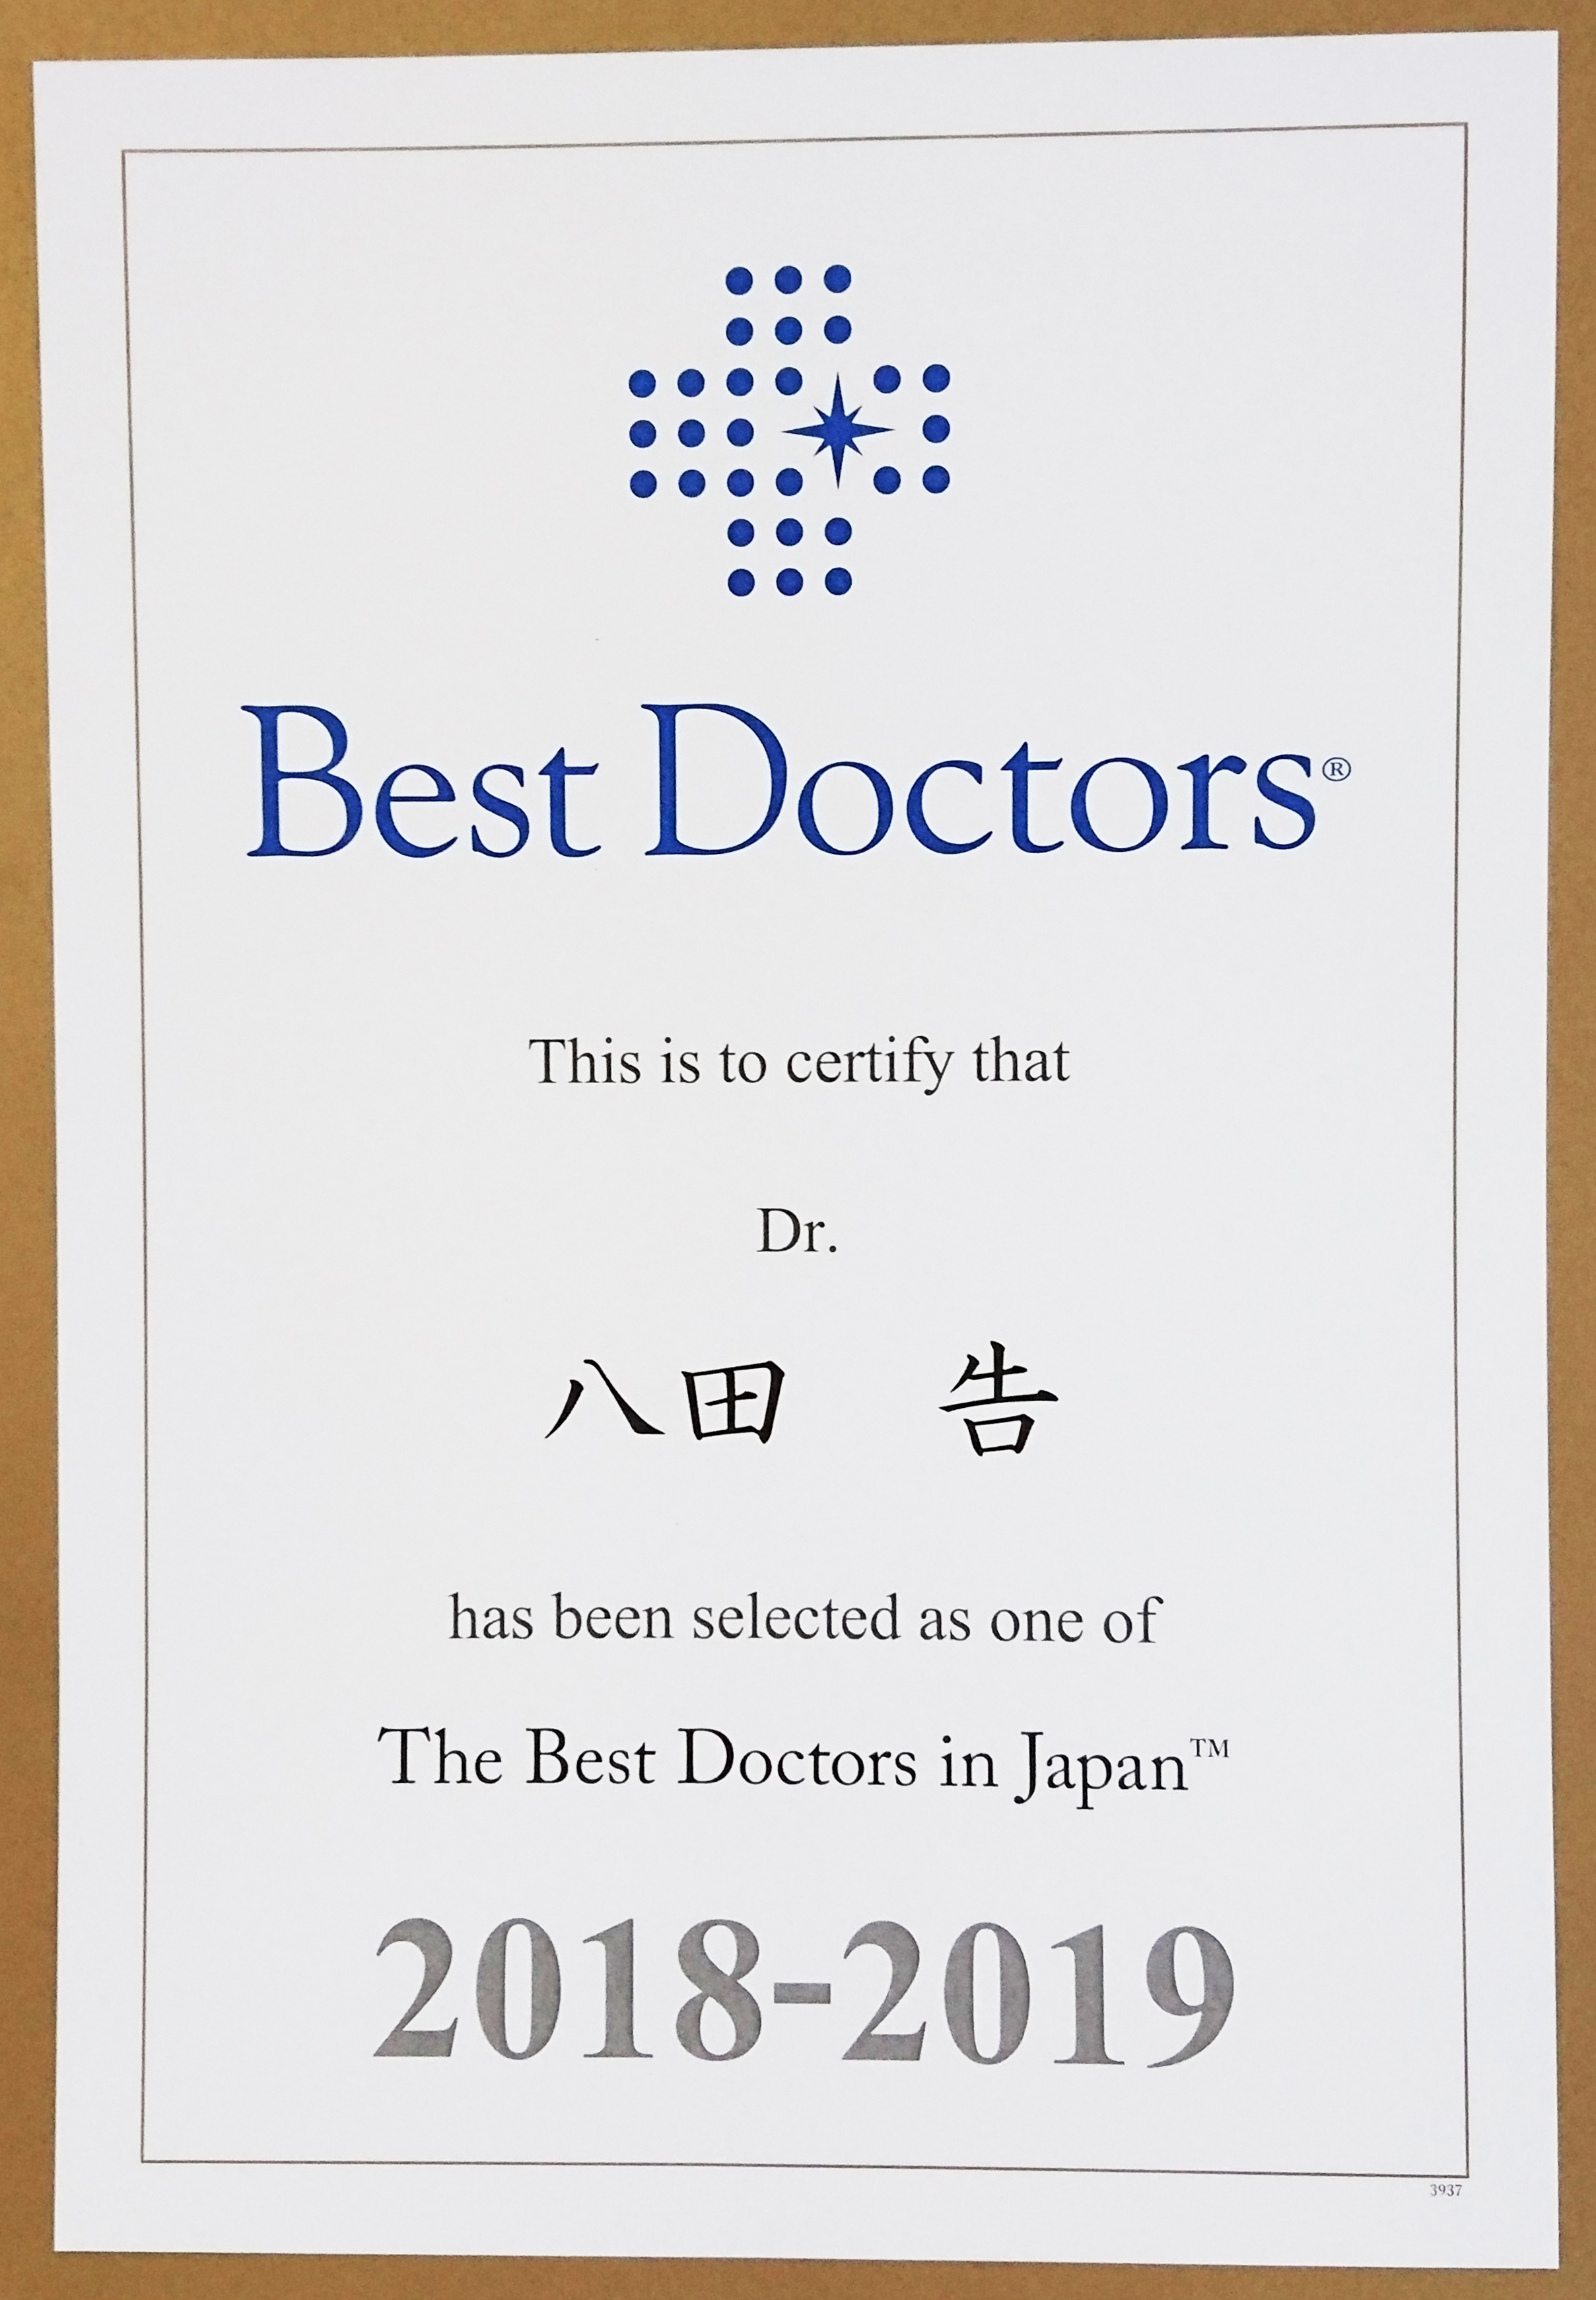 """八田 告院長が """"The Best Doctors in Japan 2018-2019""""に選出されました"""